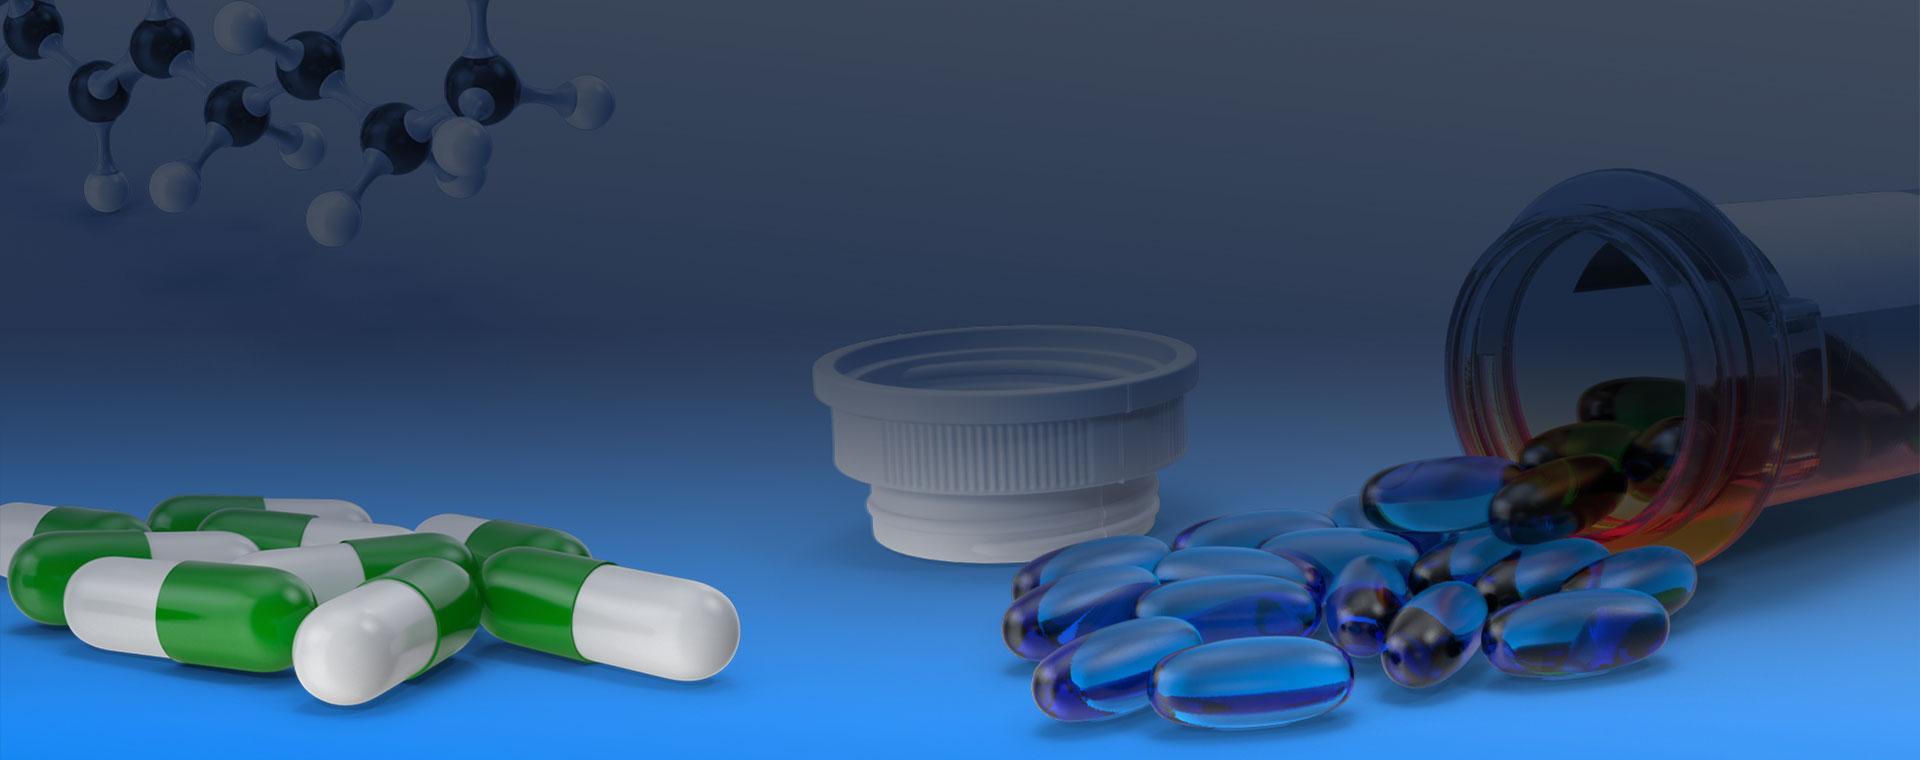 Фармацевтическая, парфармацевтическая продукция и бытовая химия